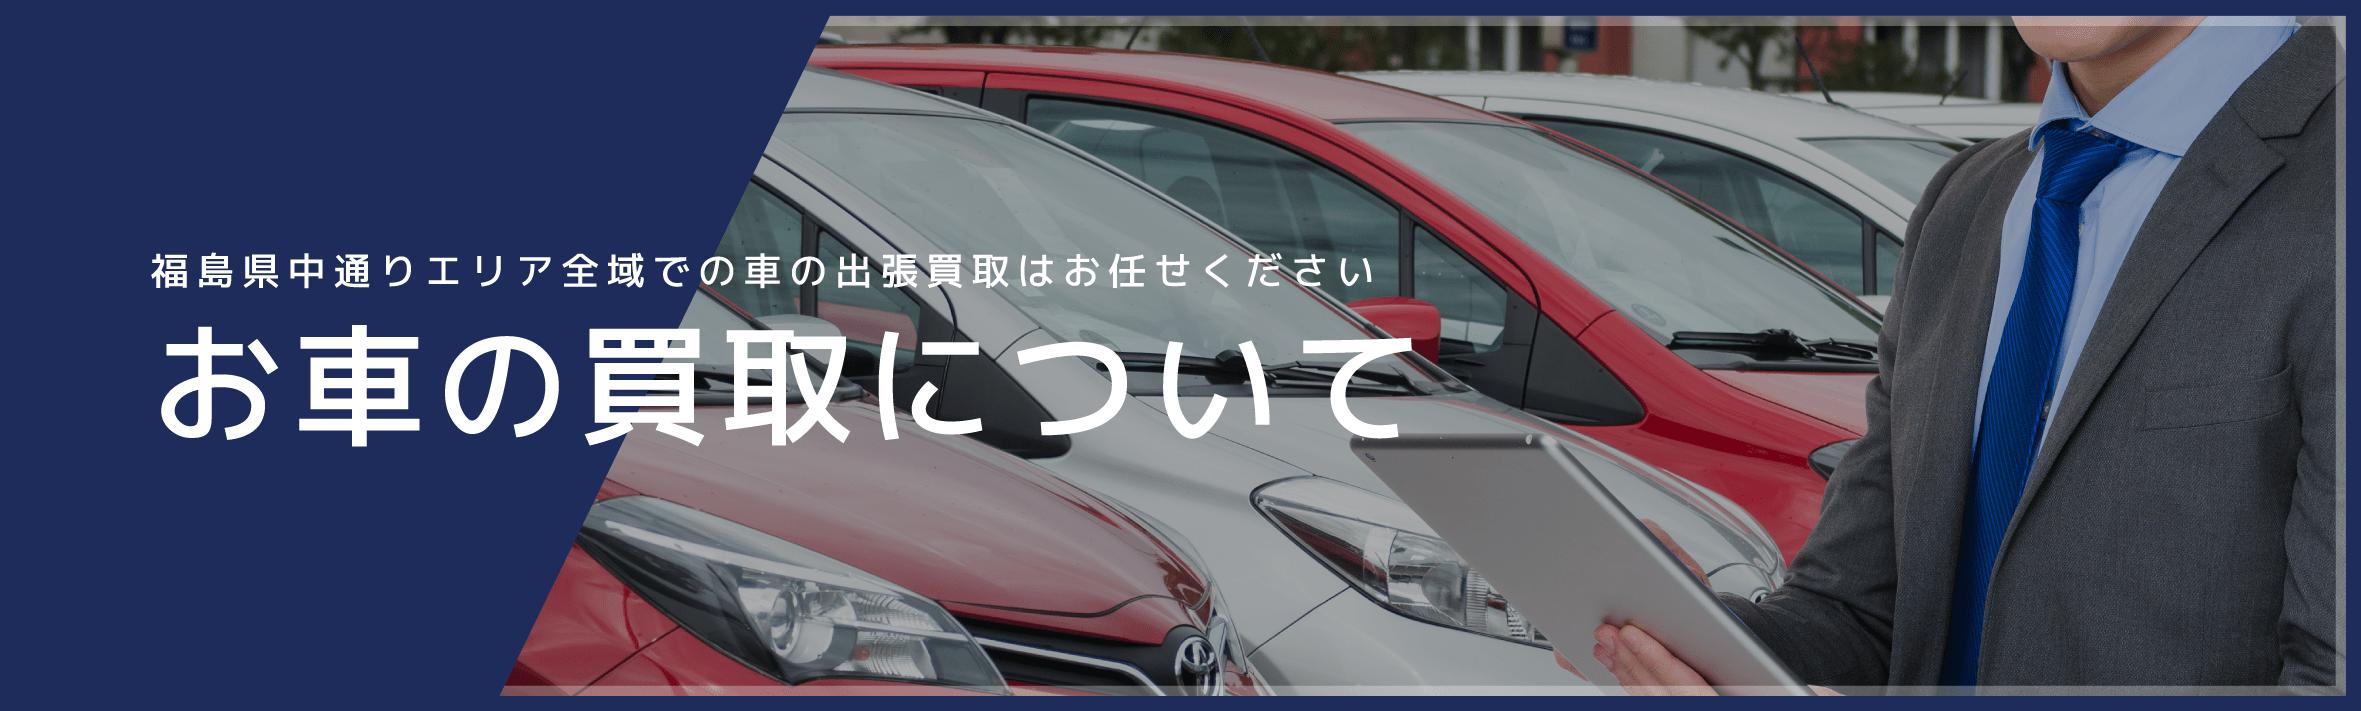 お車の買取の流れや方法について